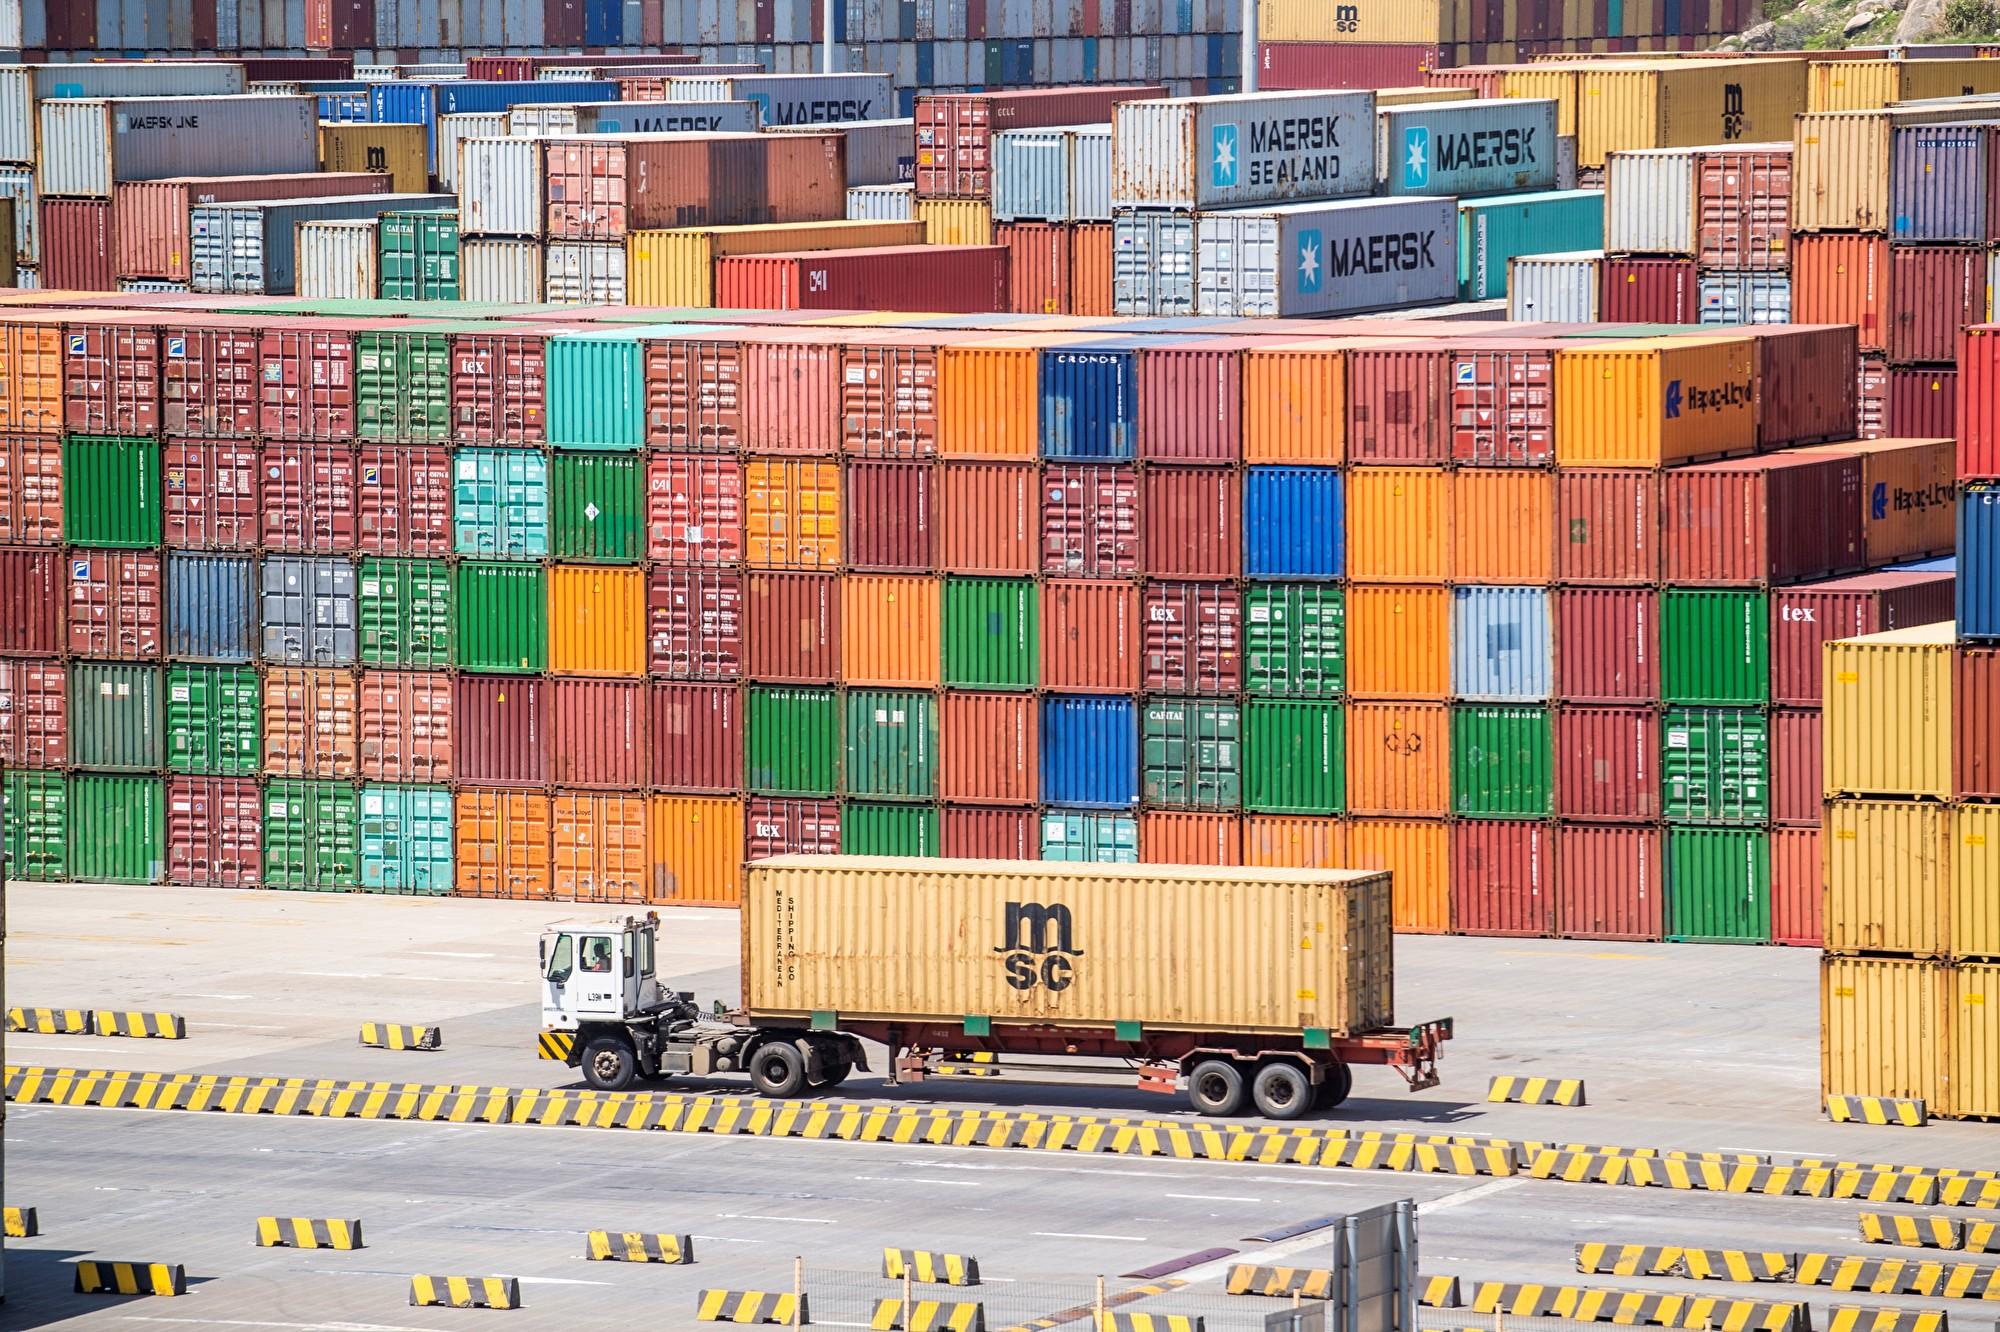 中共拖延貿易談判 特朗普:連任後立場更強硬